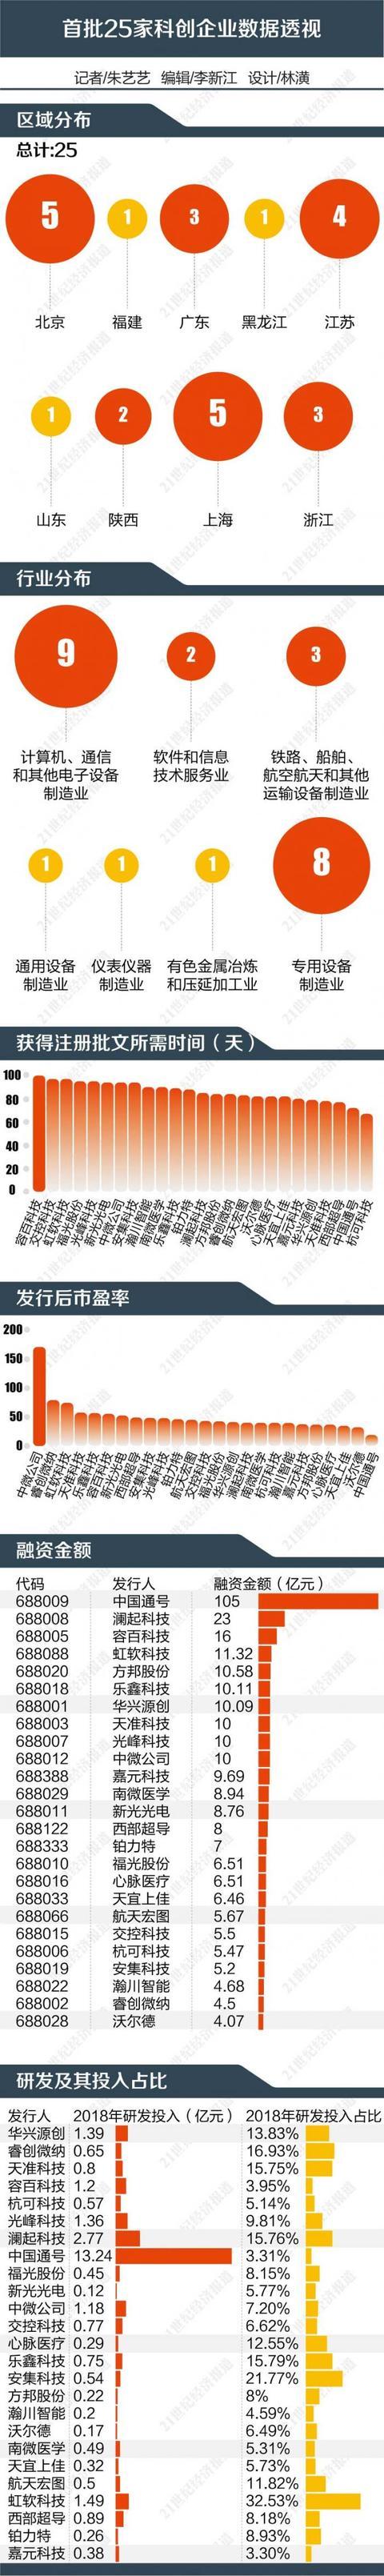 """科创板""""25星宿""""诞生记:中国版纳斯达克的速度与梦想"""